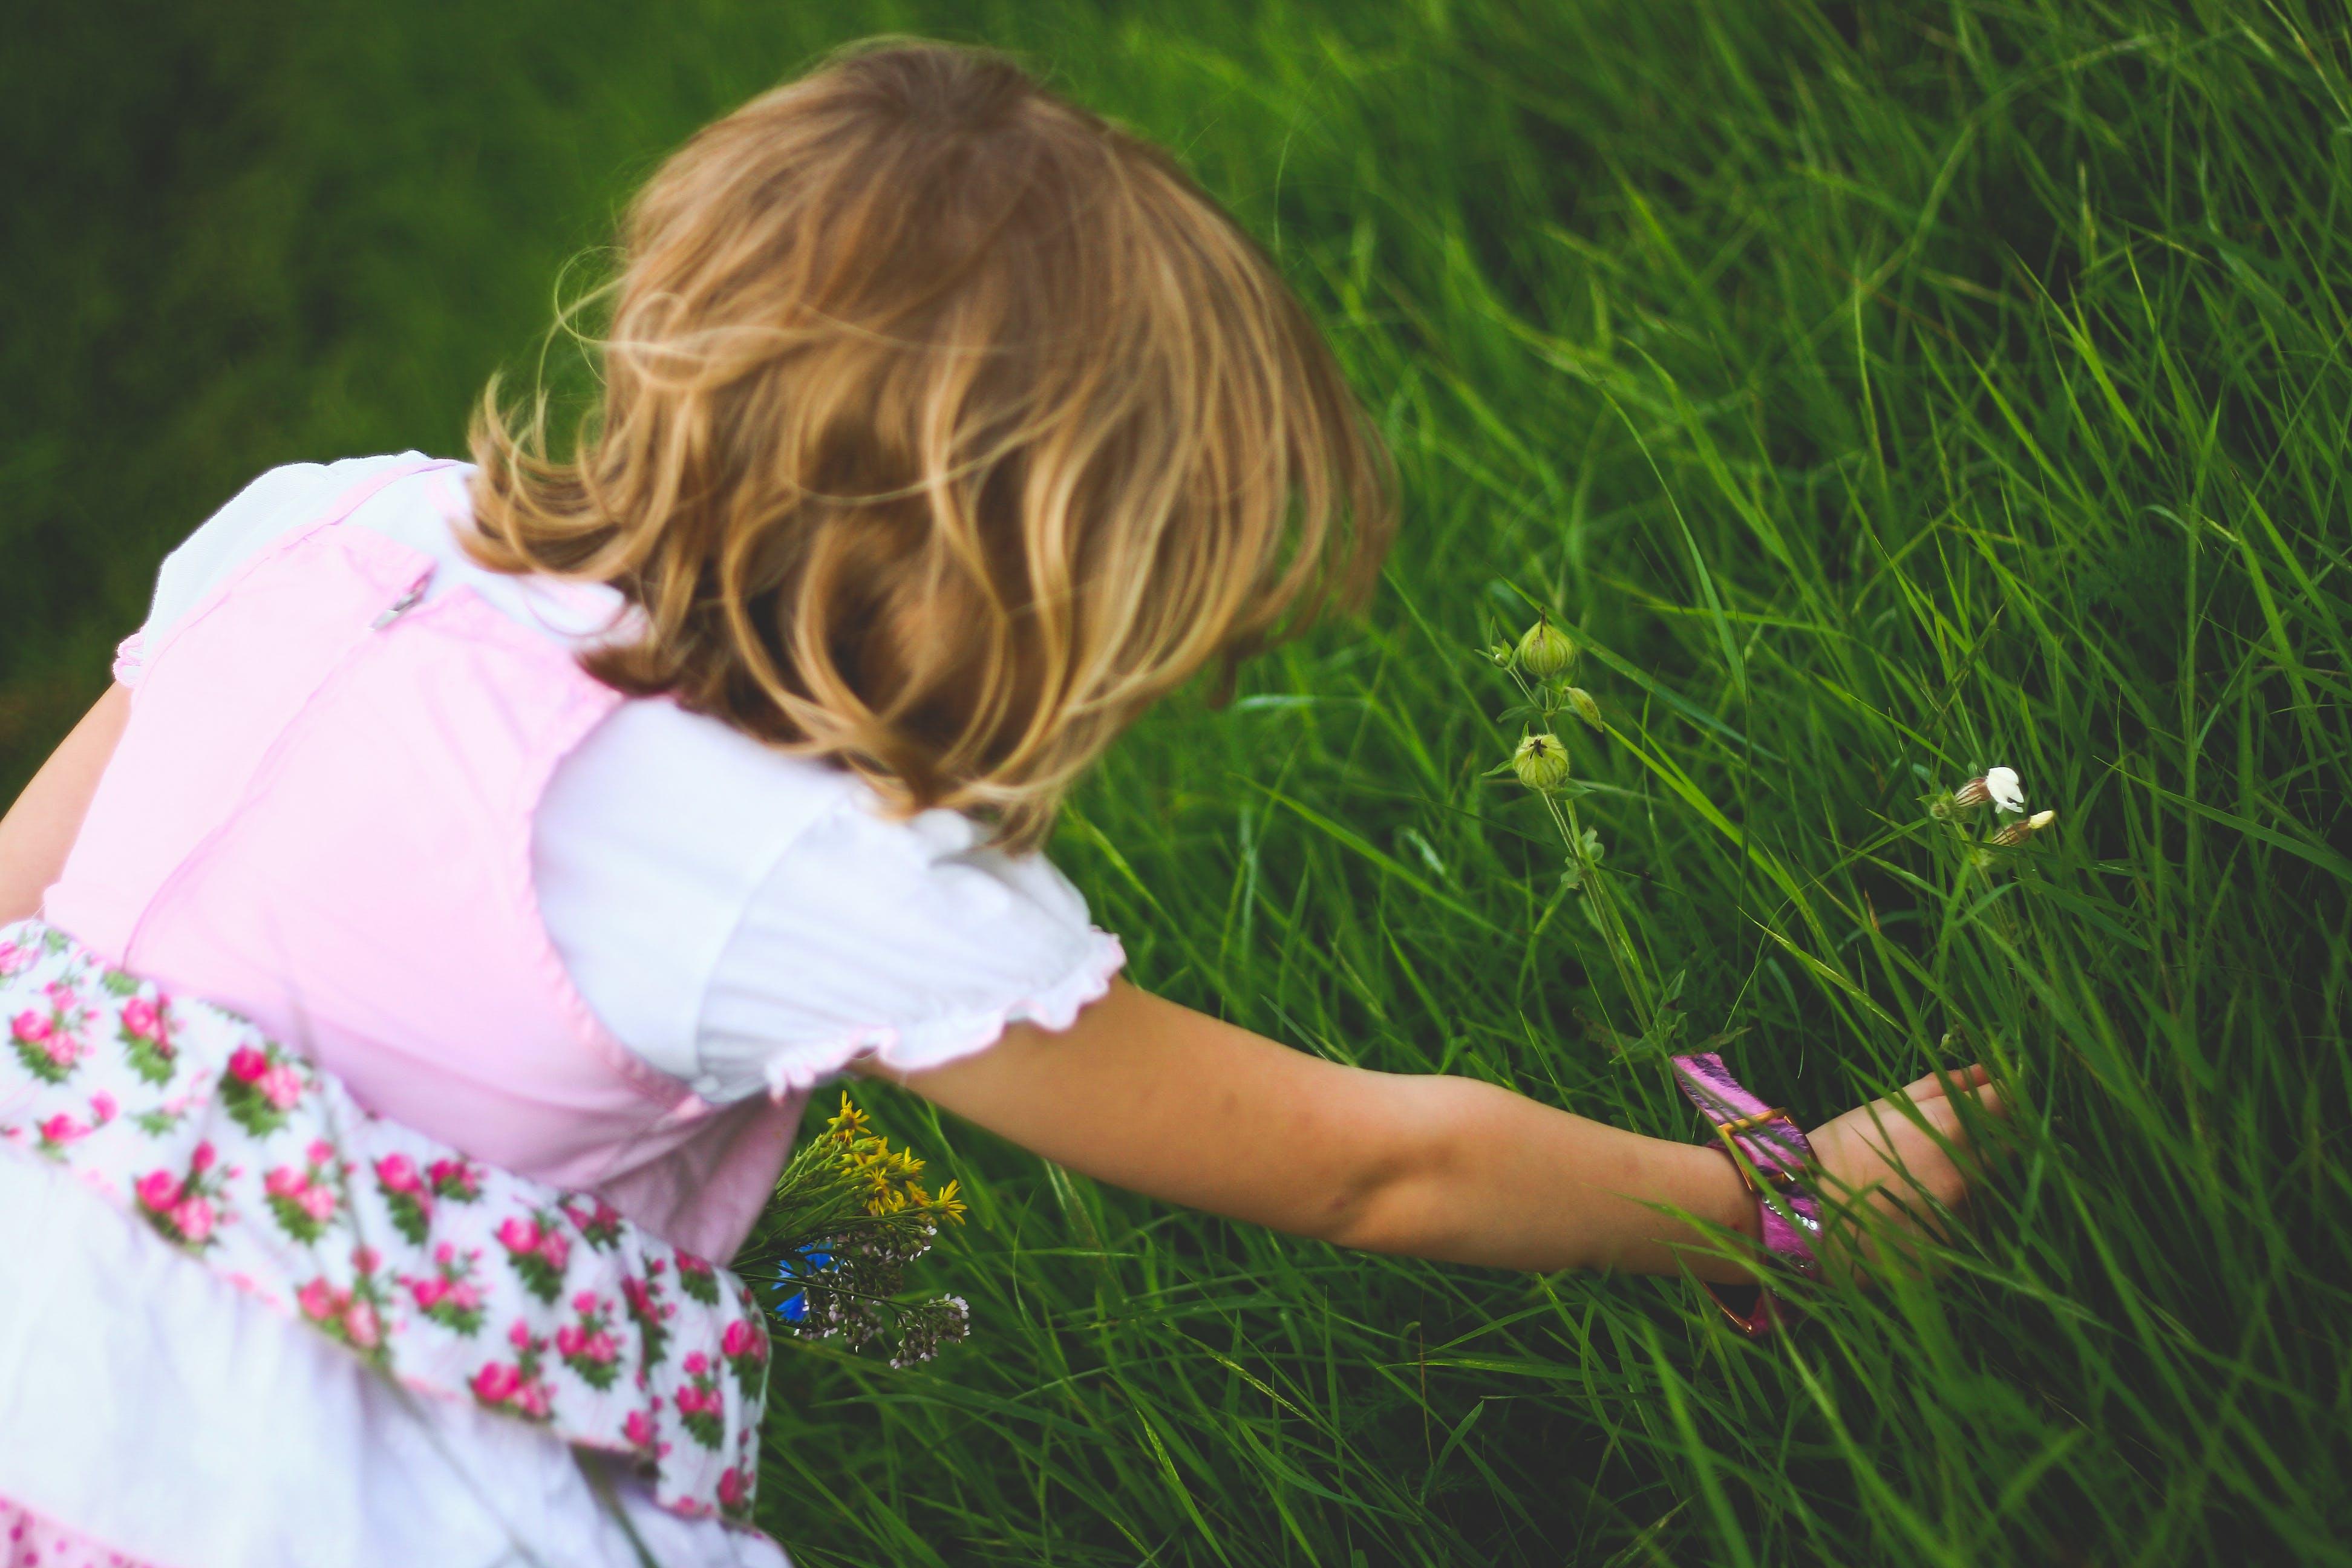 Kostenloses Stock Foto zu garten, gras, jung, kind